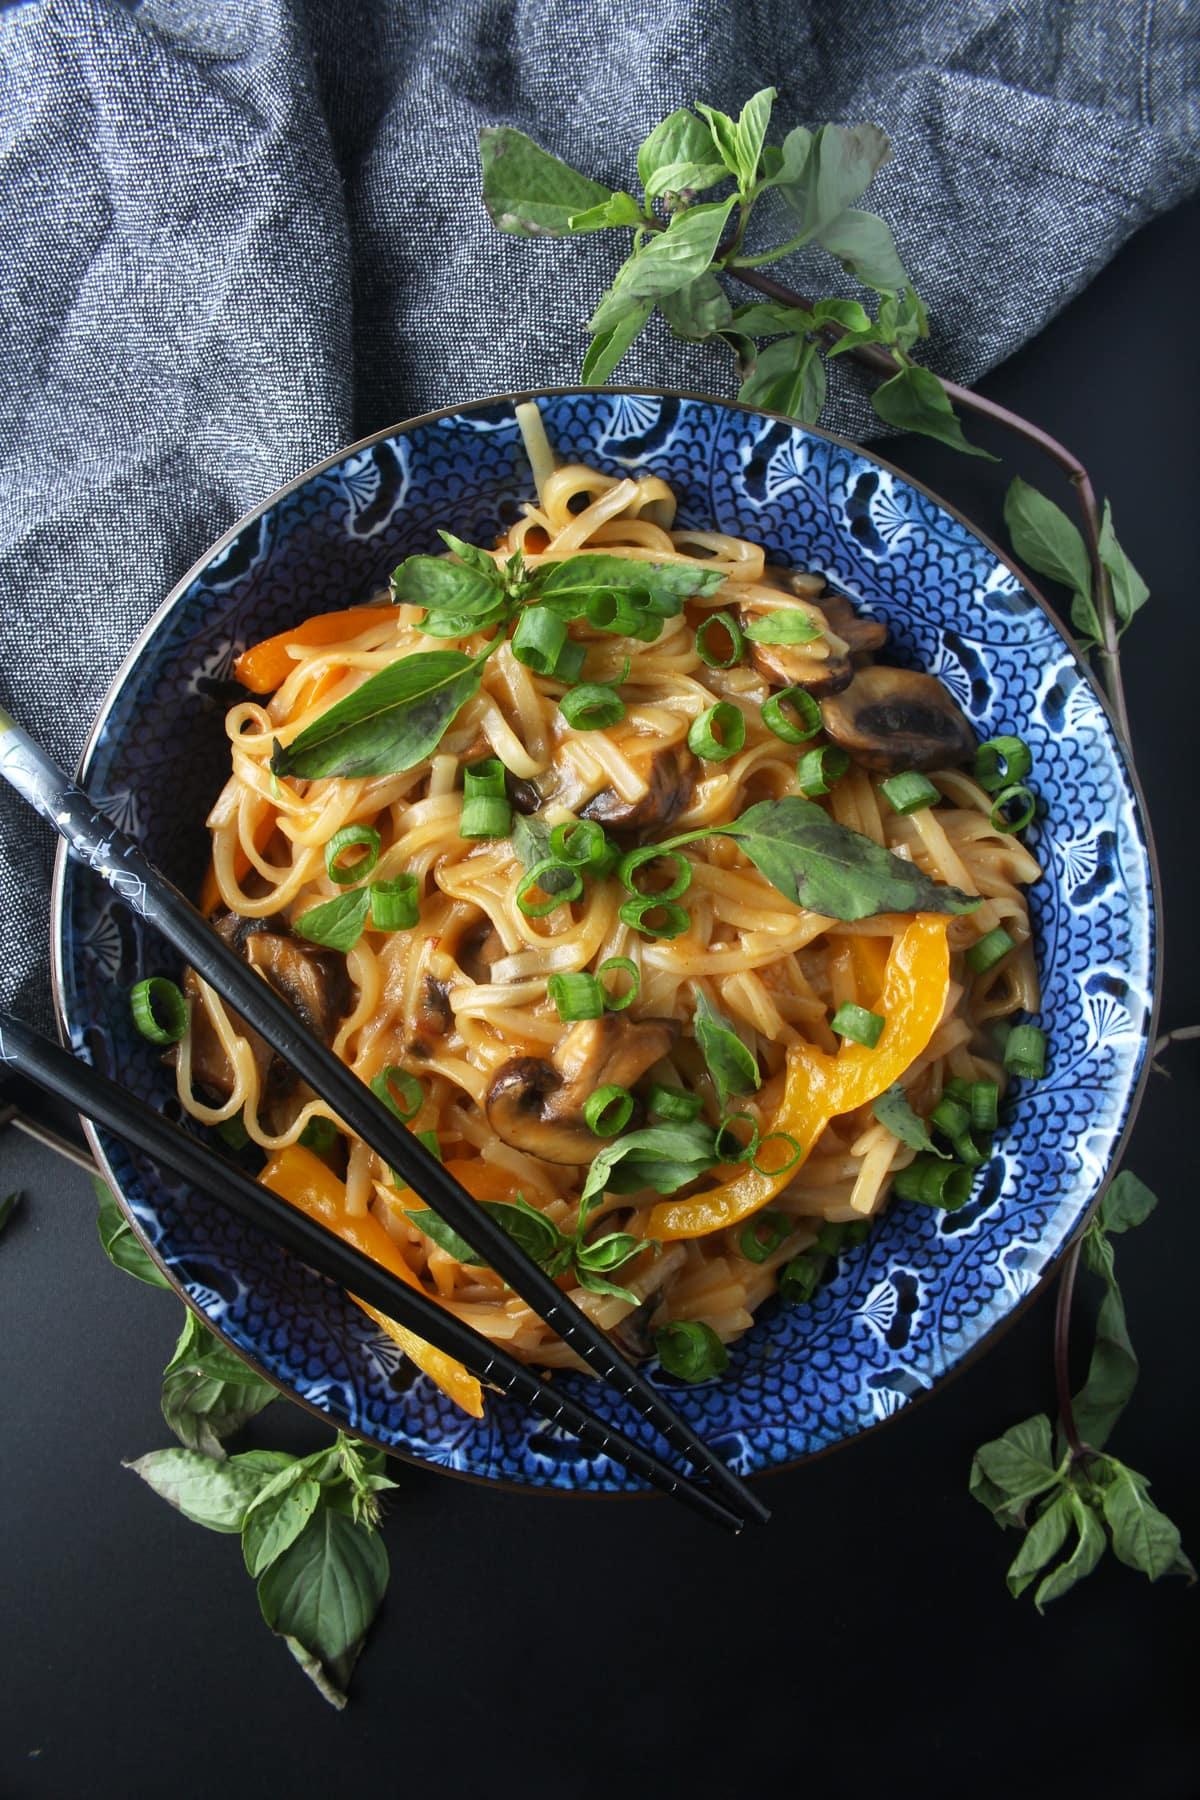 picture of chopsticks in a vegan drunken noodles bowl